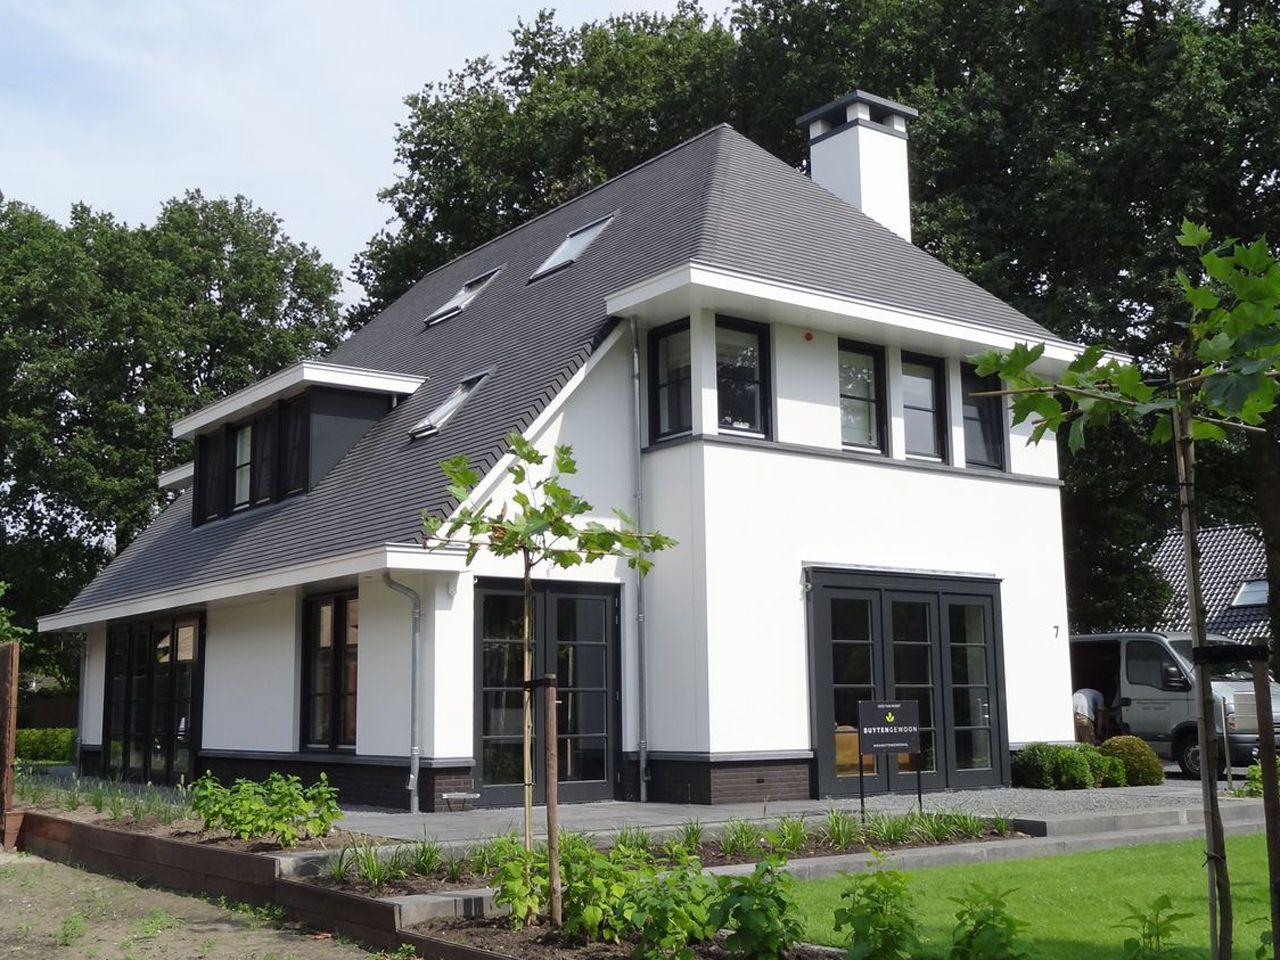 Eigentijdse pannengedekte villa met stucwerk en donkere kozijnen